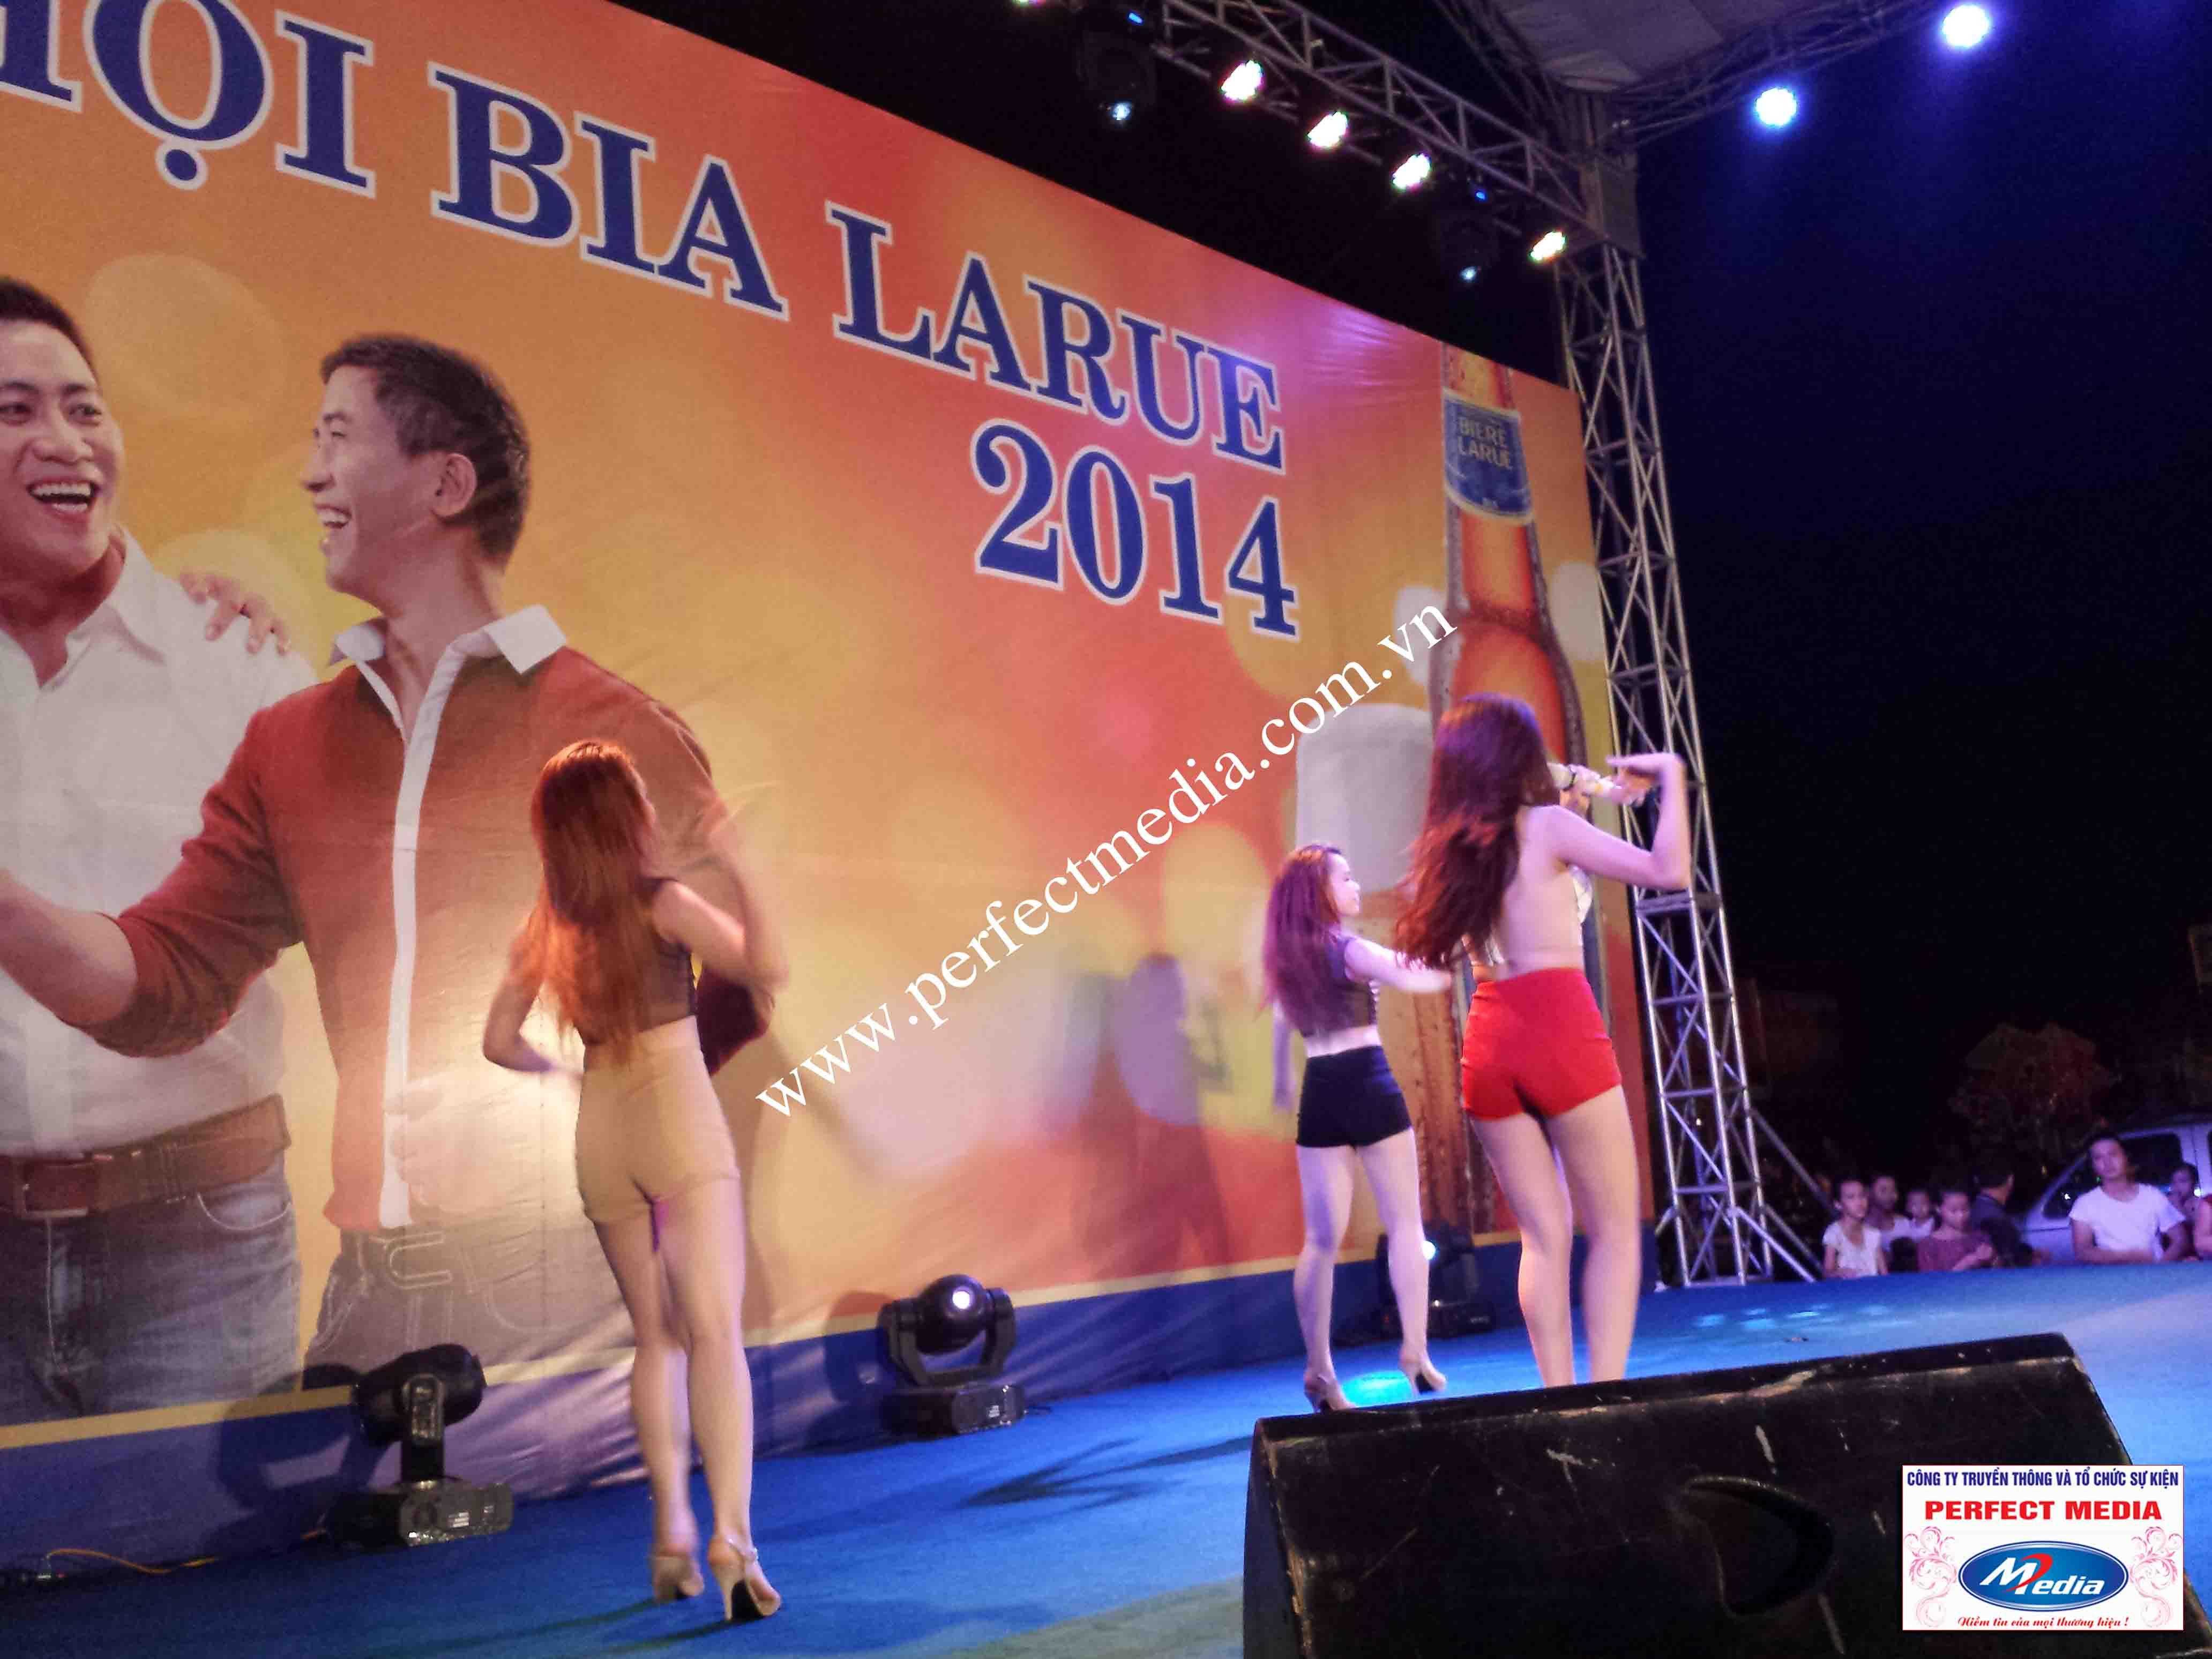 Hình ảnh sự kiện Tour Festival Bia Larue tại các thành phố Hạ Long - Hà Tĩnh và thành phố Vinh 15